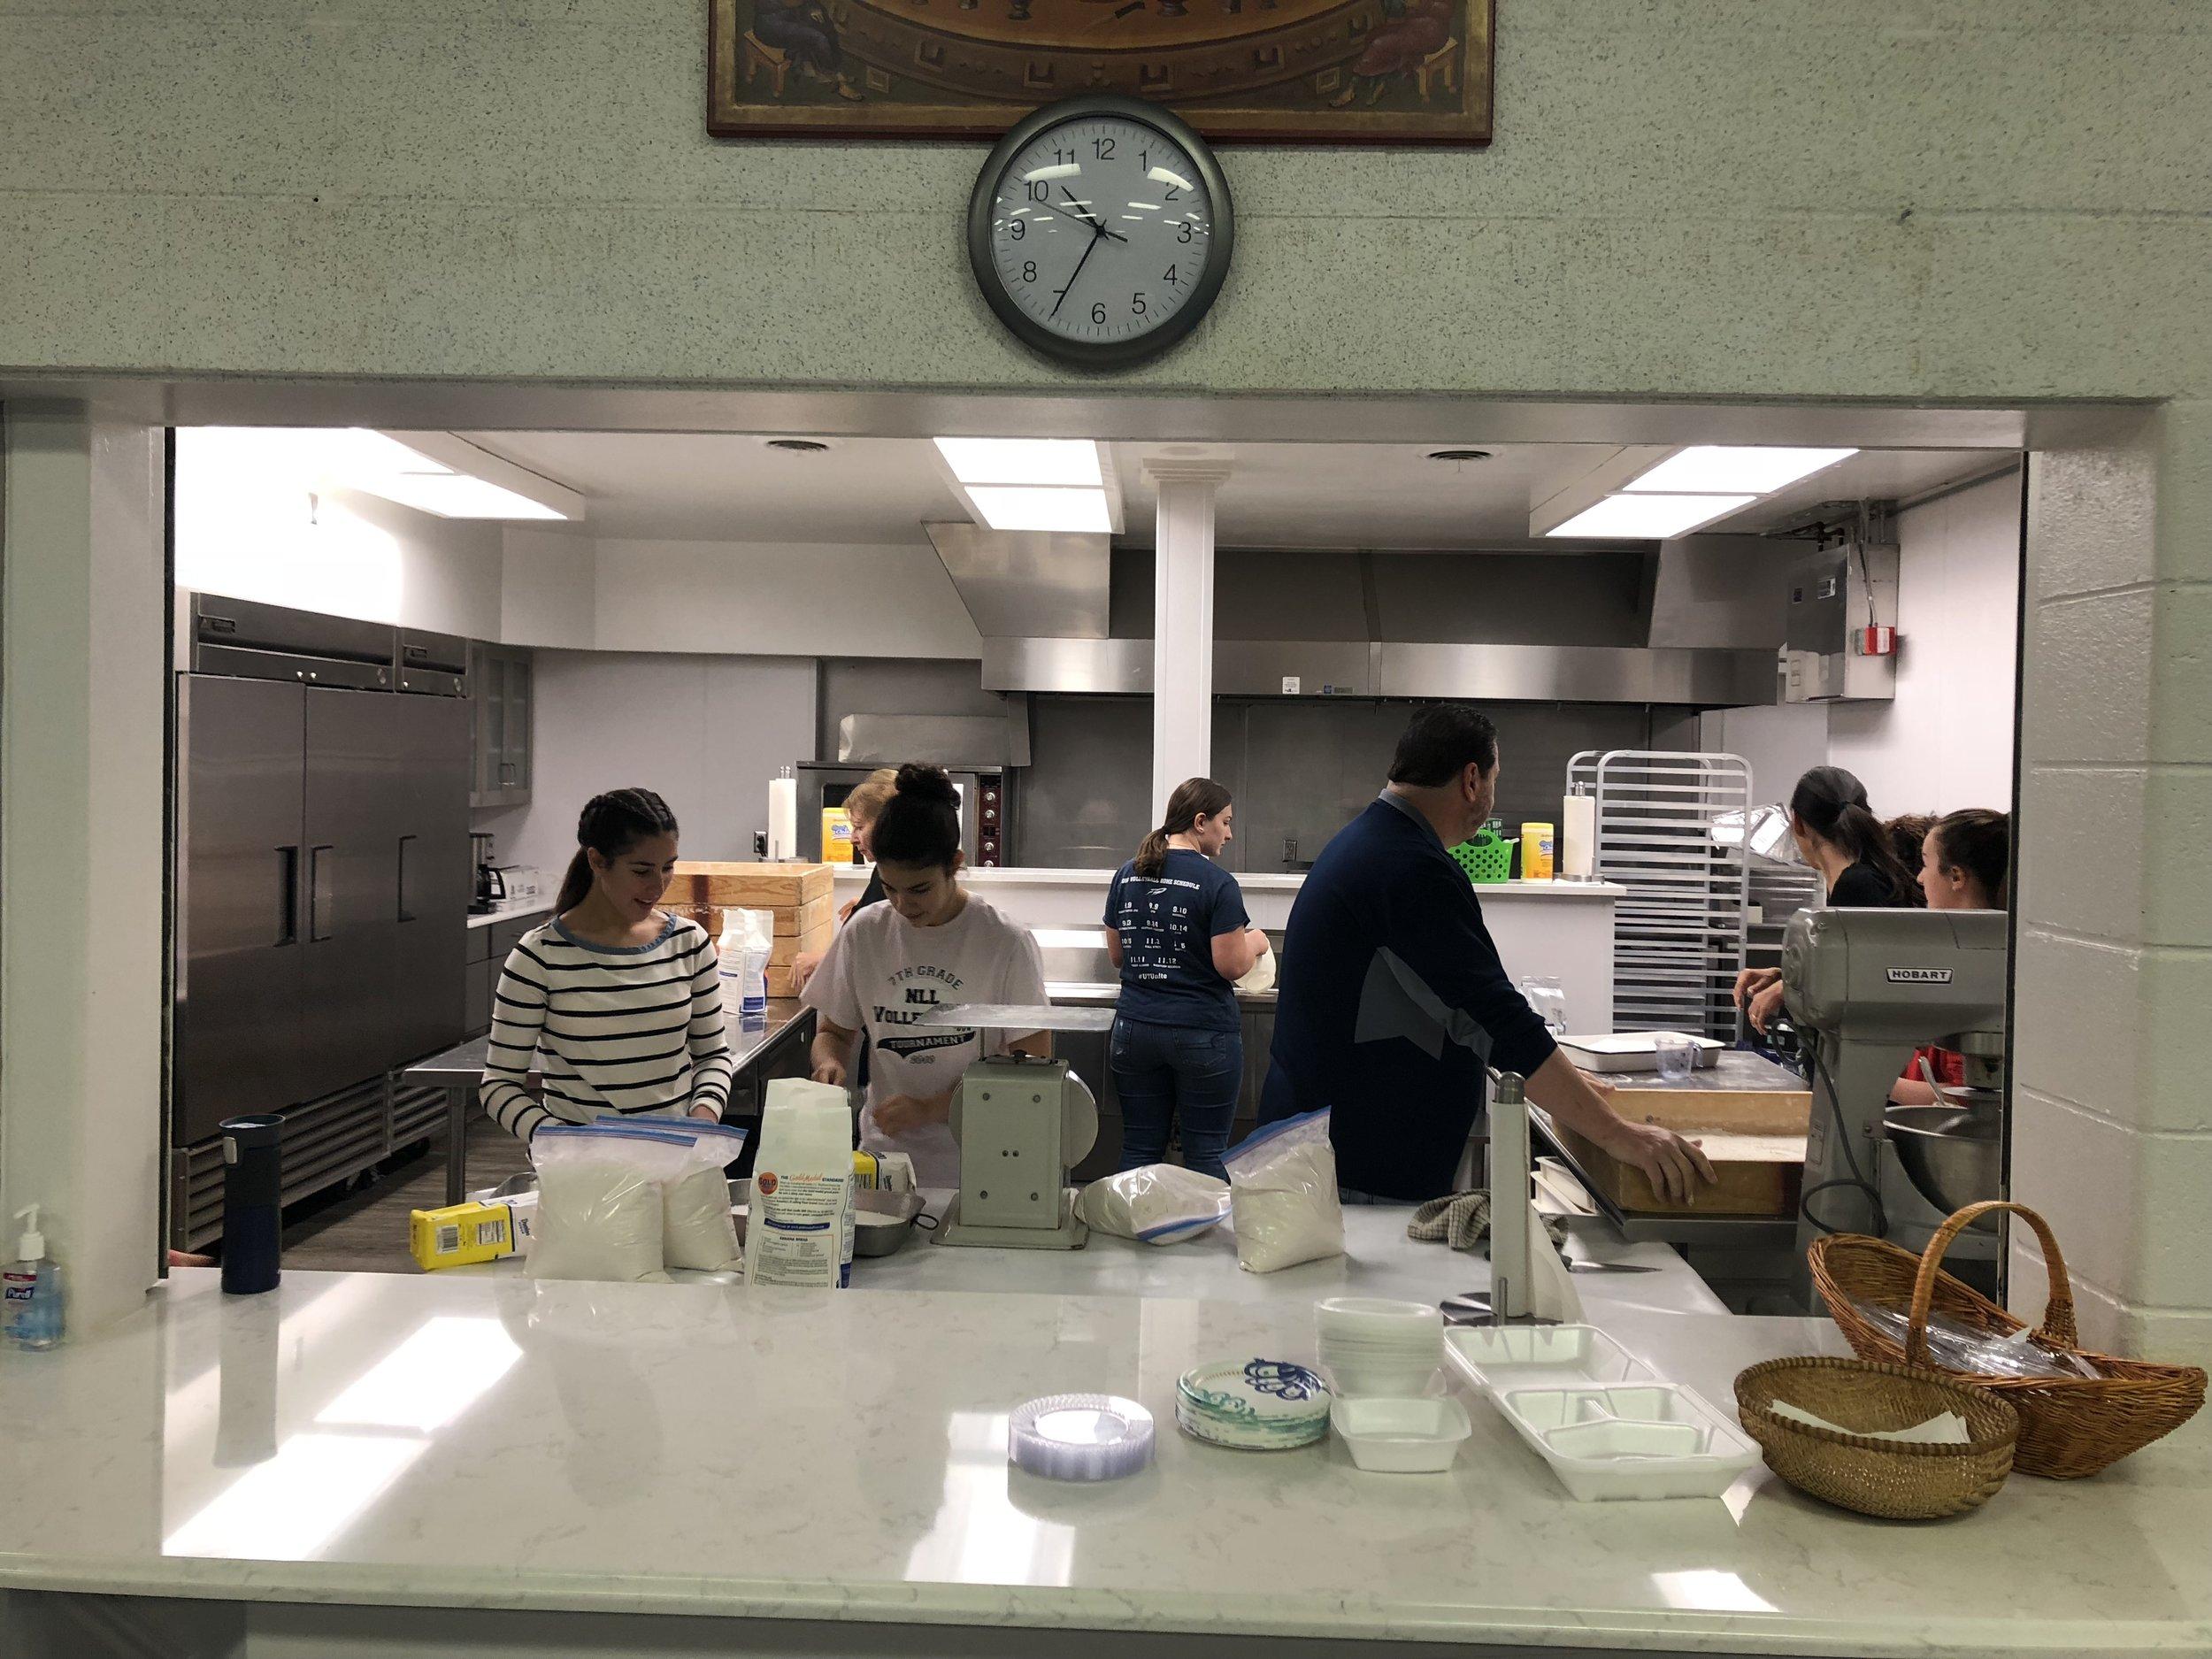 baking ministry 4.jpg